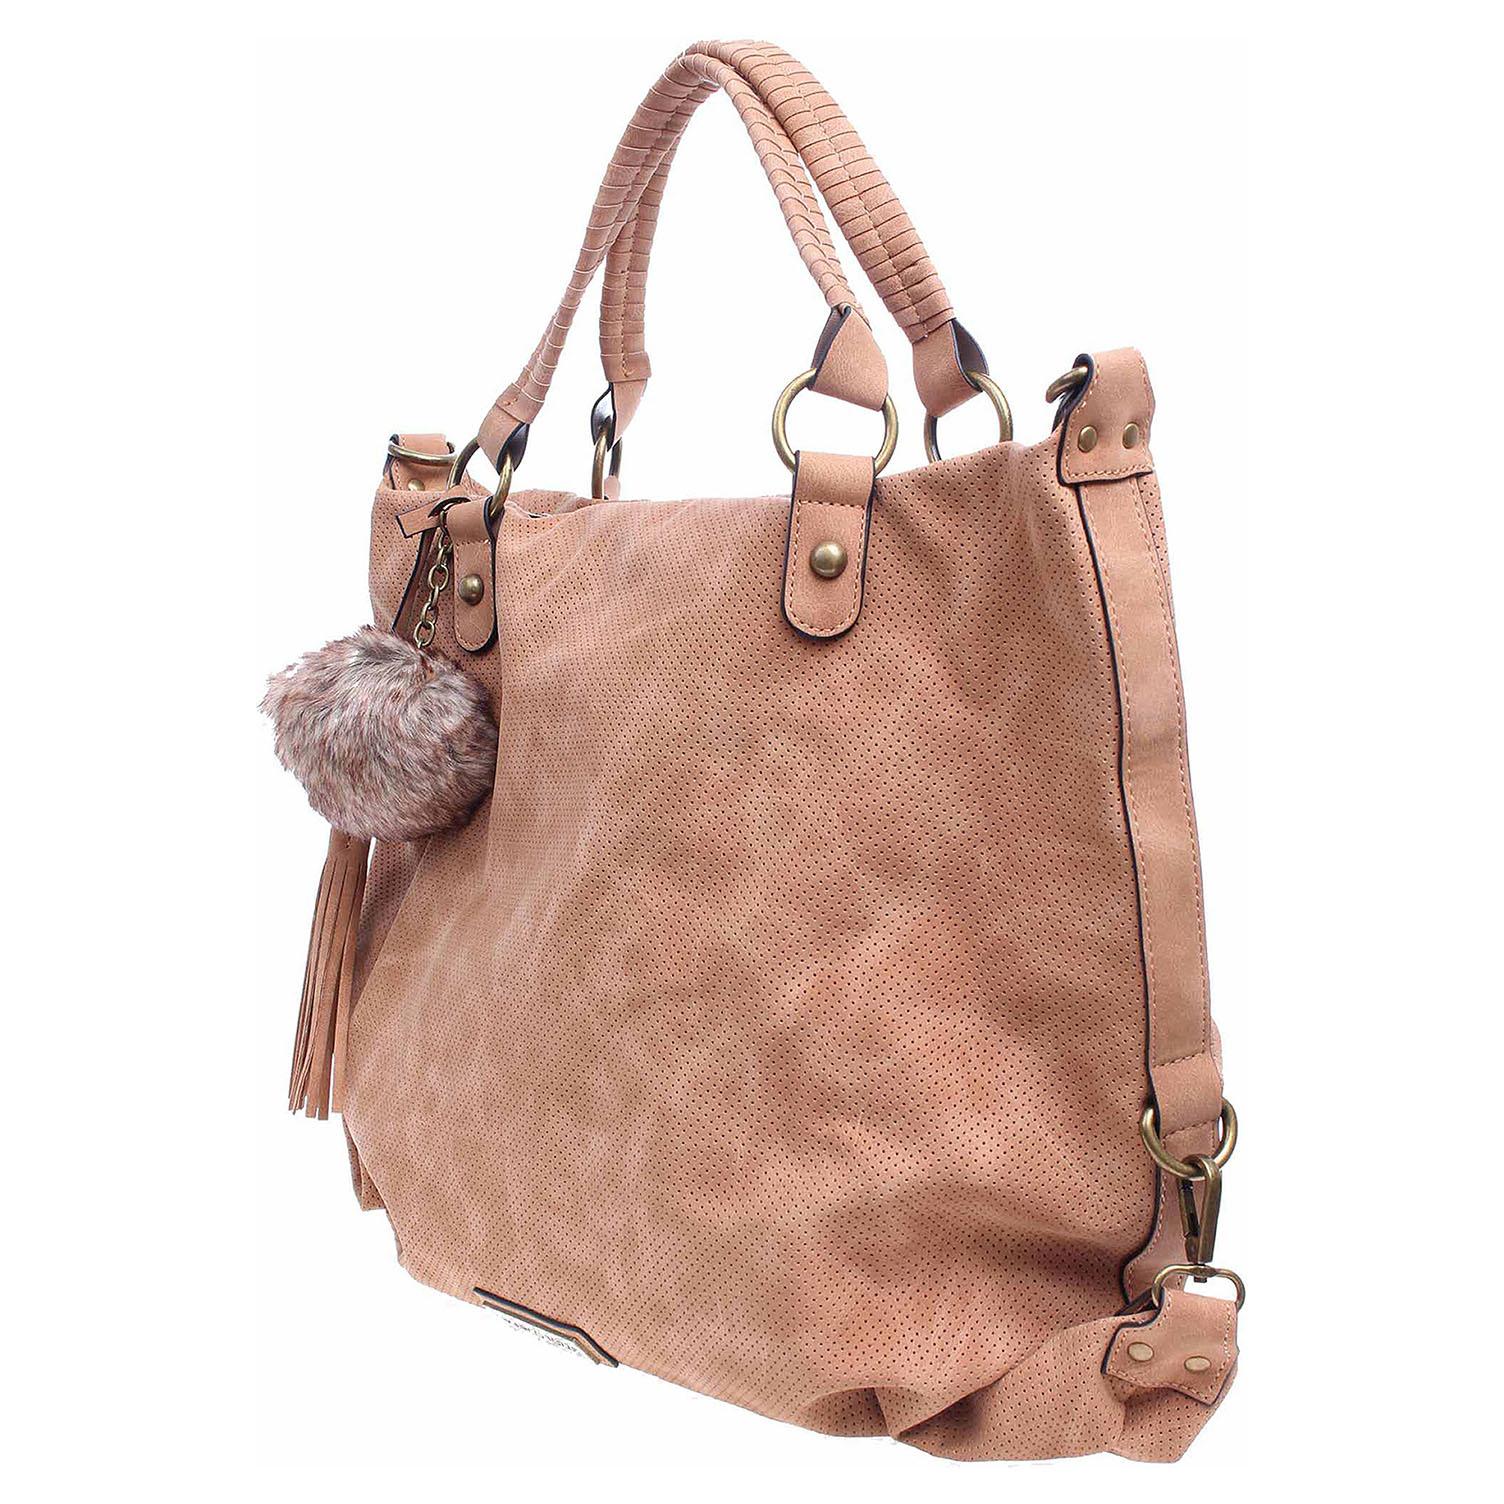 Ecco Marco Tozzi dámská kabelka 2-61124-29 světlehnědá 11891249